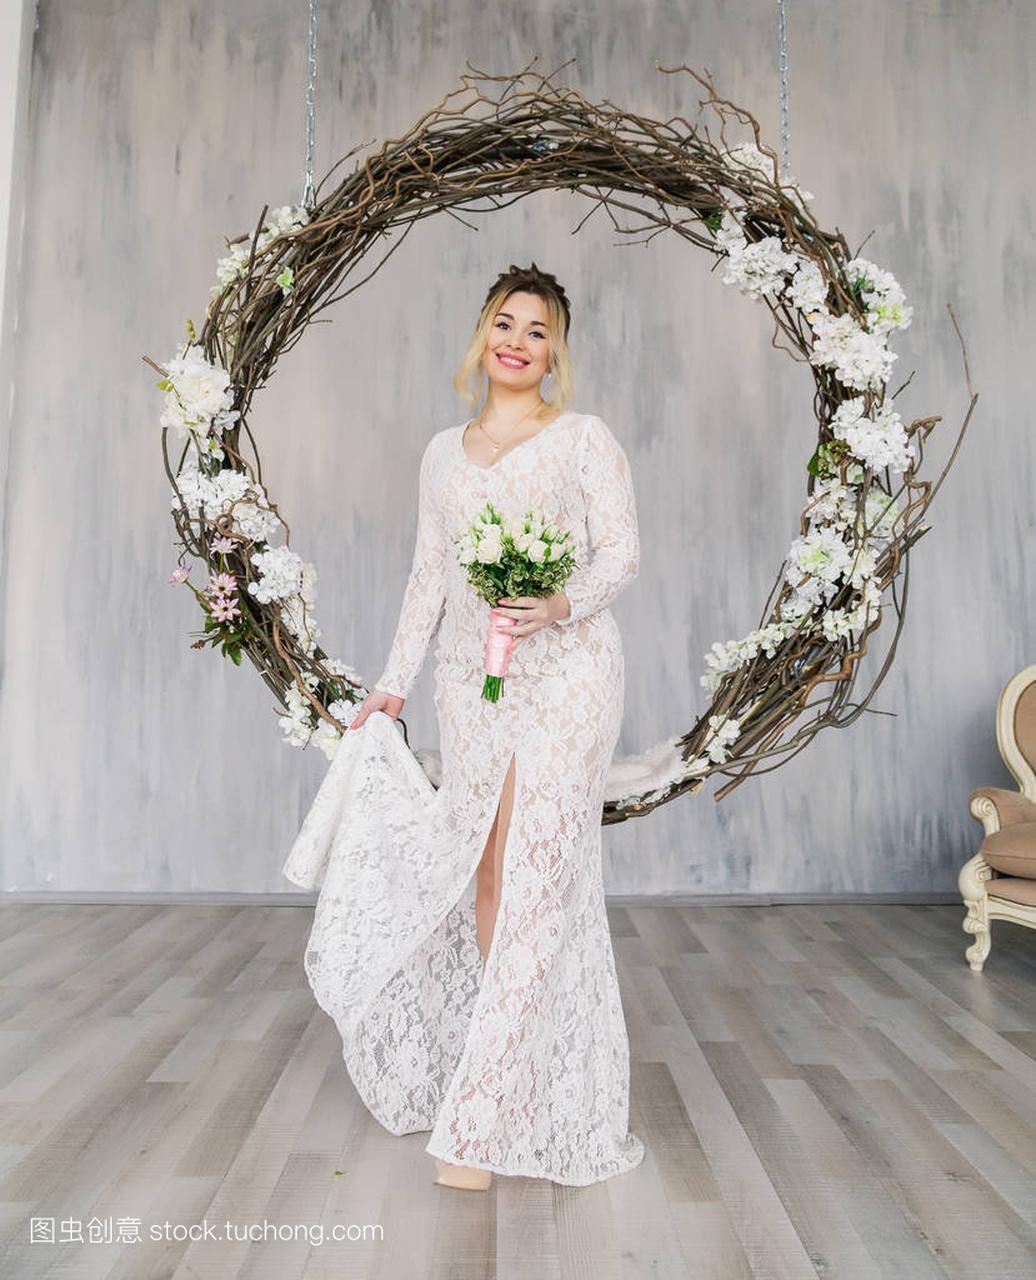 美女工作室婚纱礼服照片美女嘟嘴图片